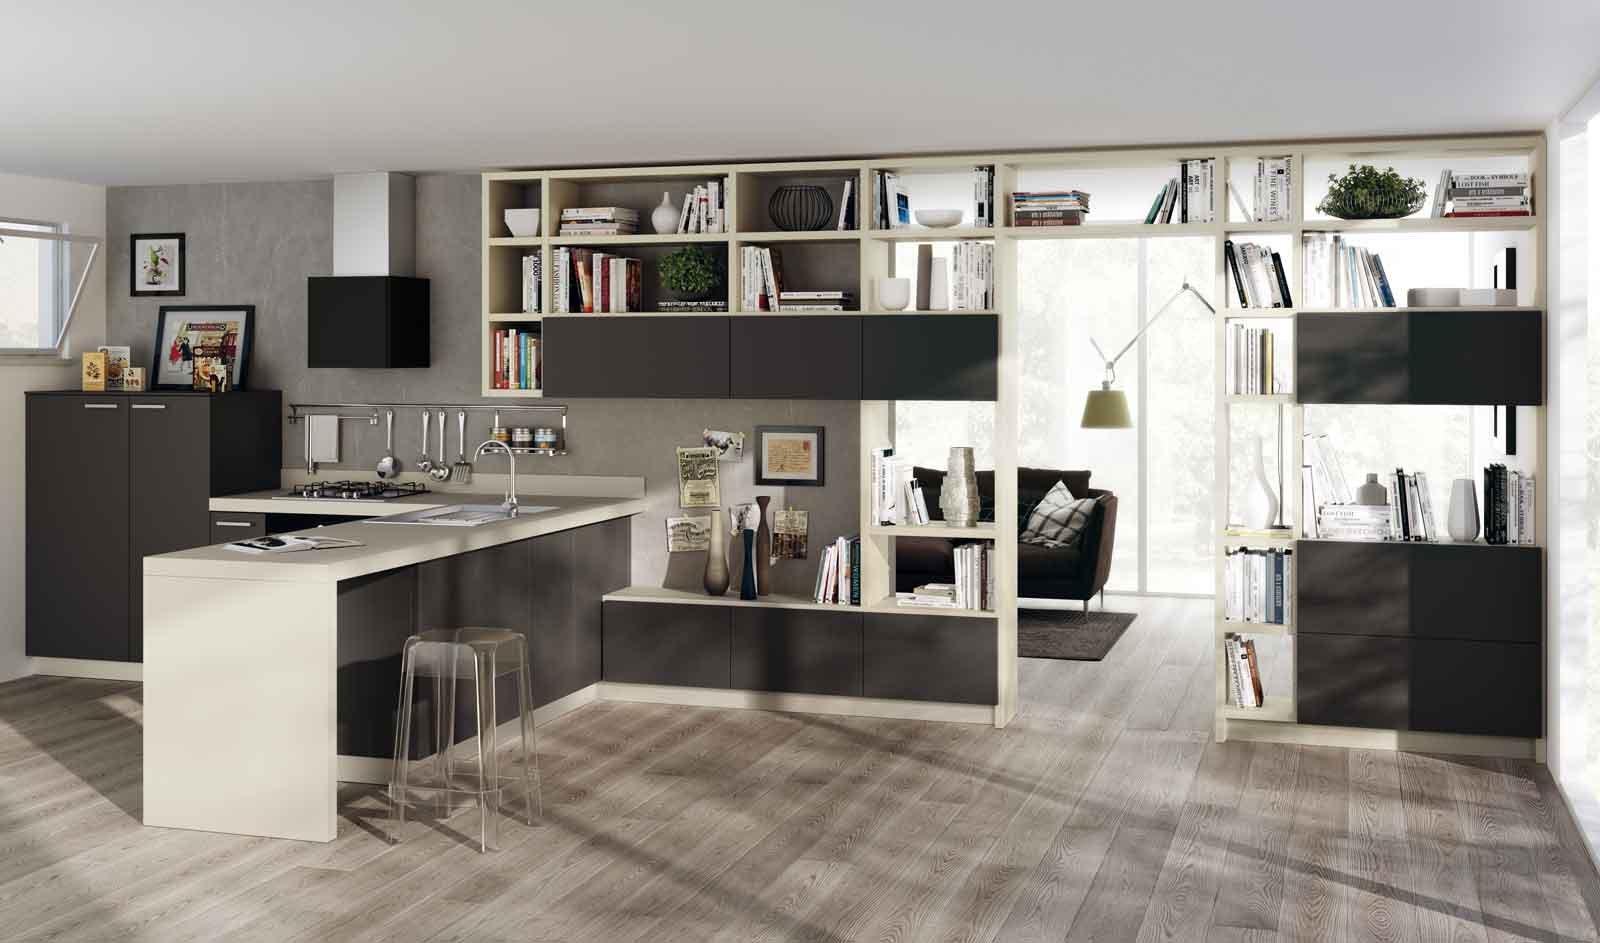 Come Arredare Un Soggiorno Classico : Come Arredare Un Salone Classico  #3B4B5F 1600 943 Come Arredare Un Ambiente Unico Cucina Soggiorno